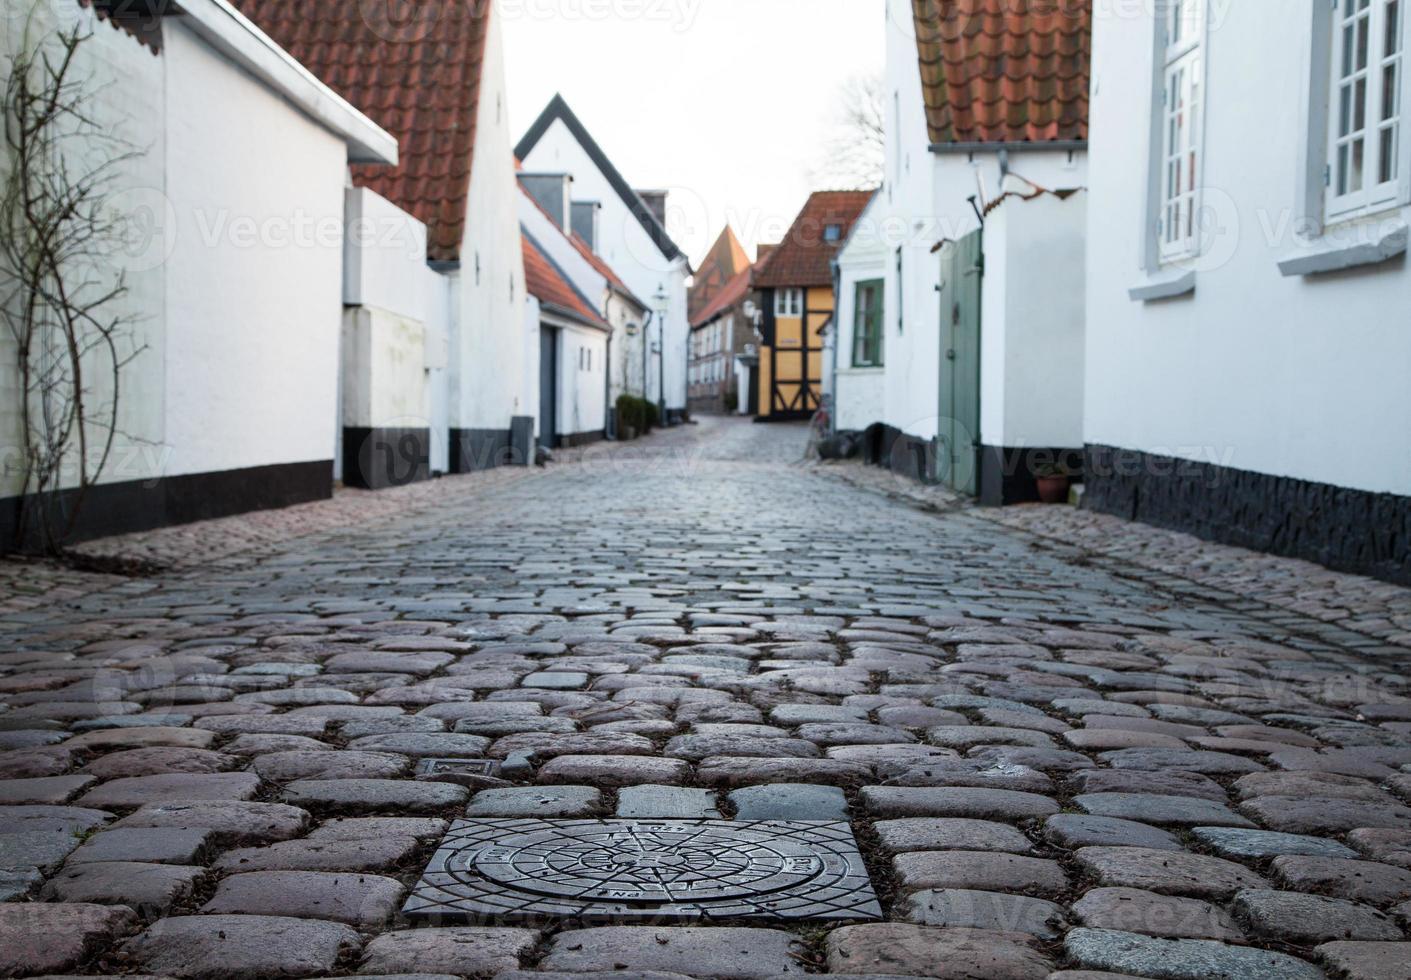 vieille rue à ribe, danemark photo